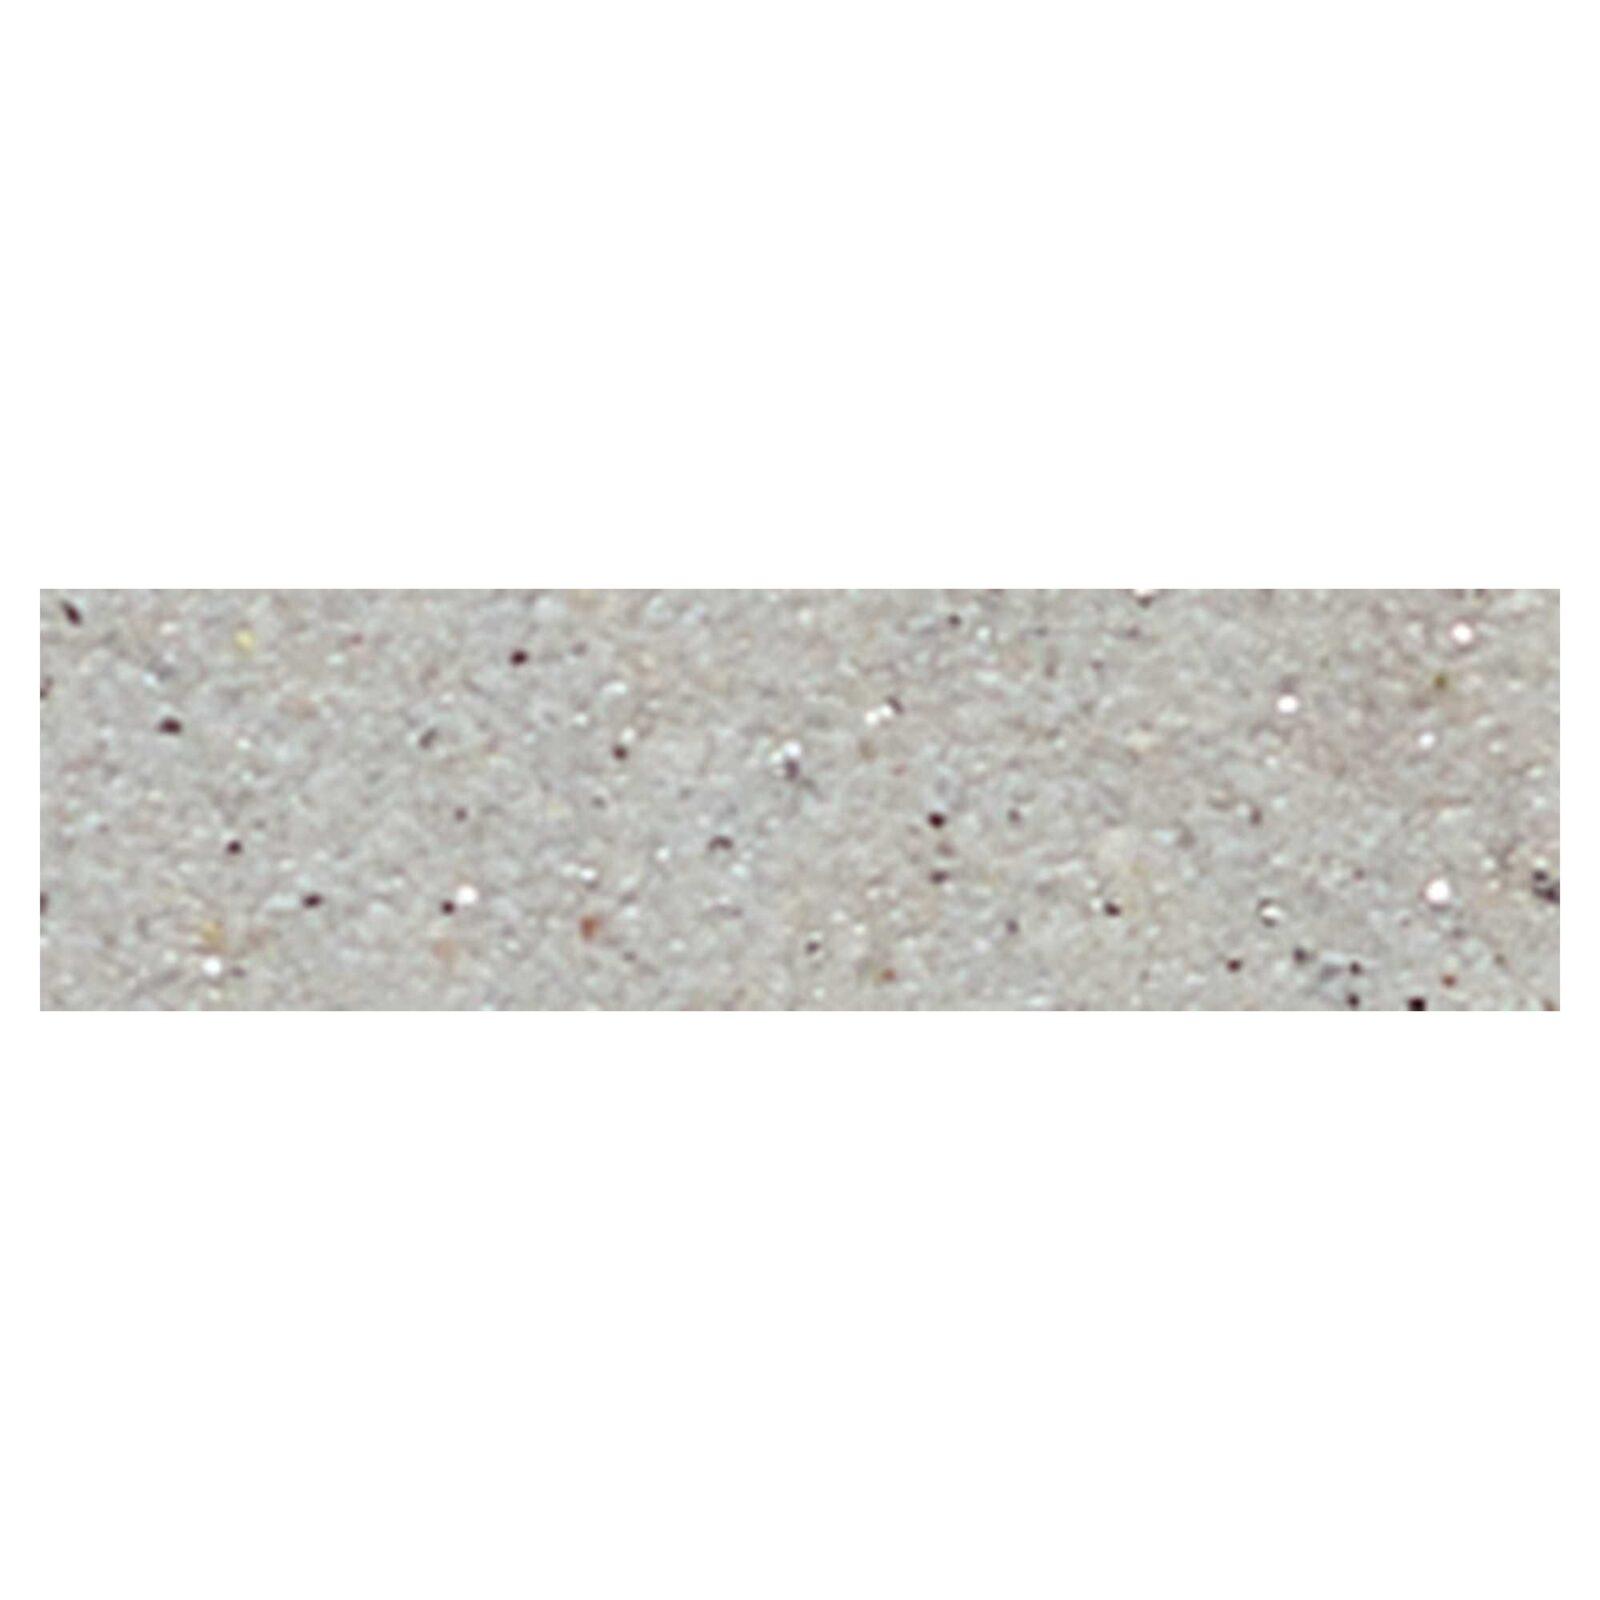 Мойка G-14(серебристый) (795х500х170) из гранитной крошки+сифон